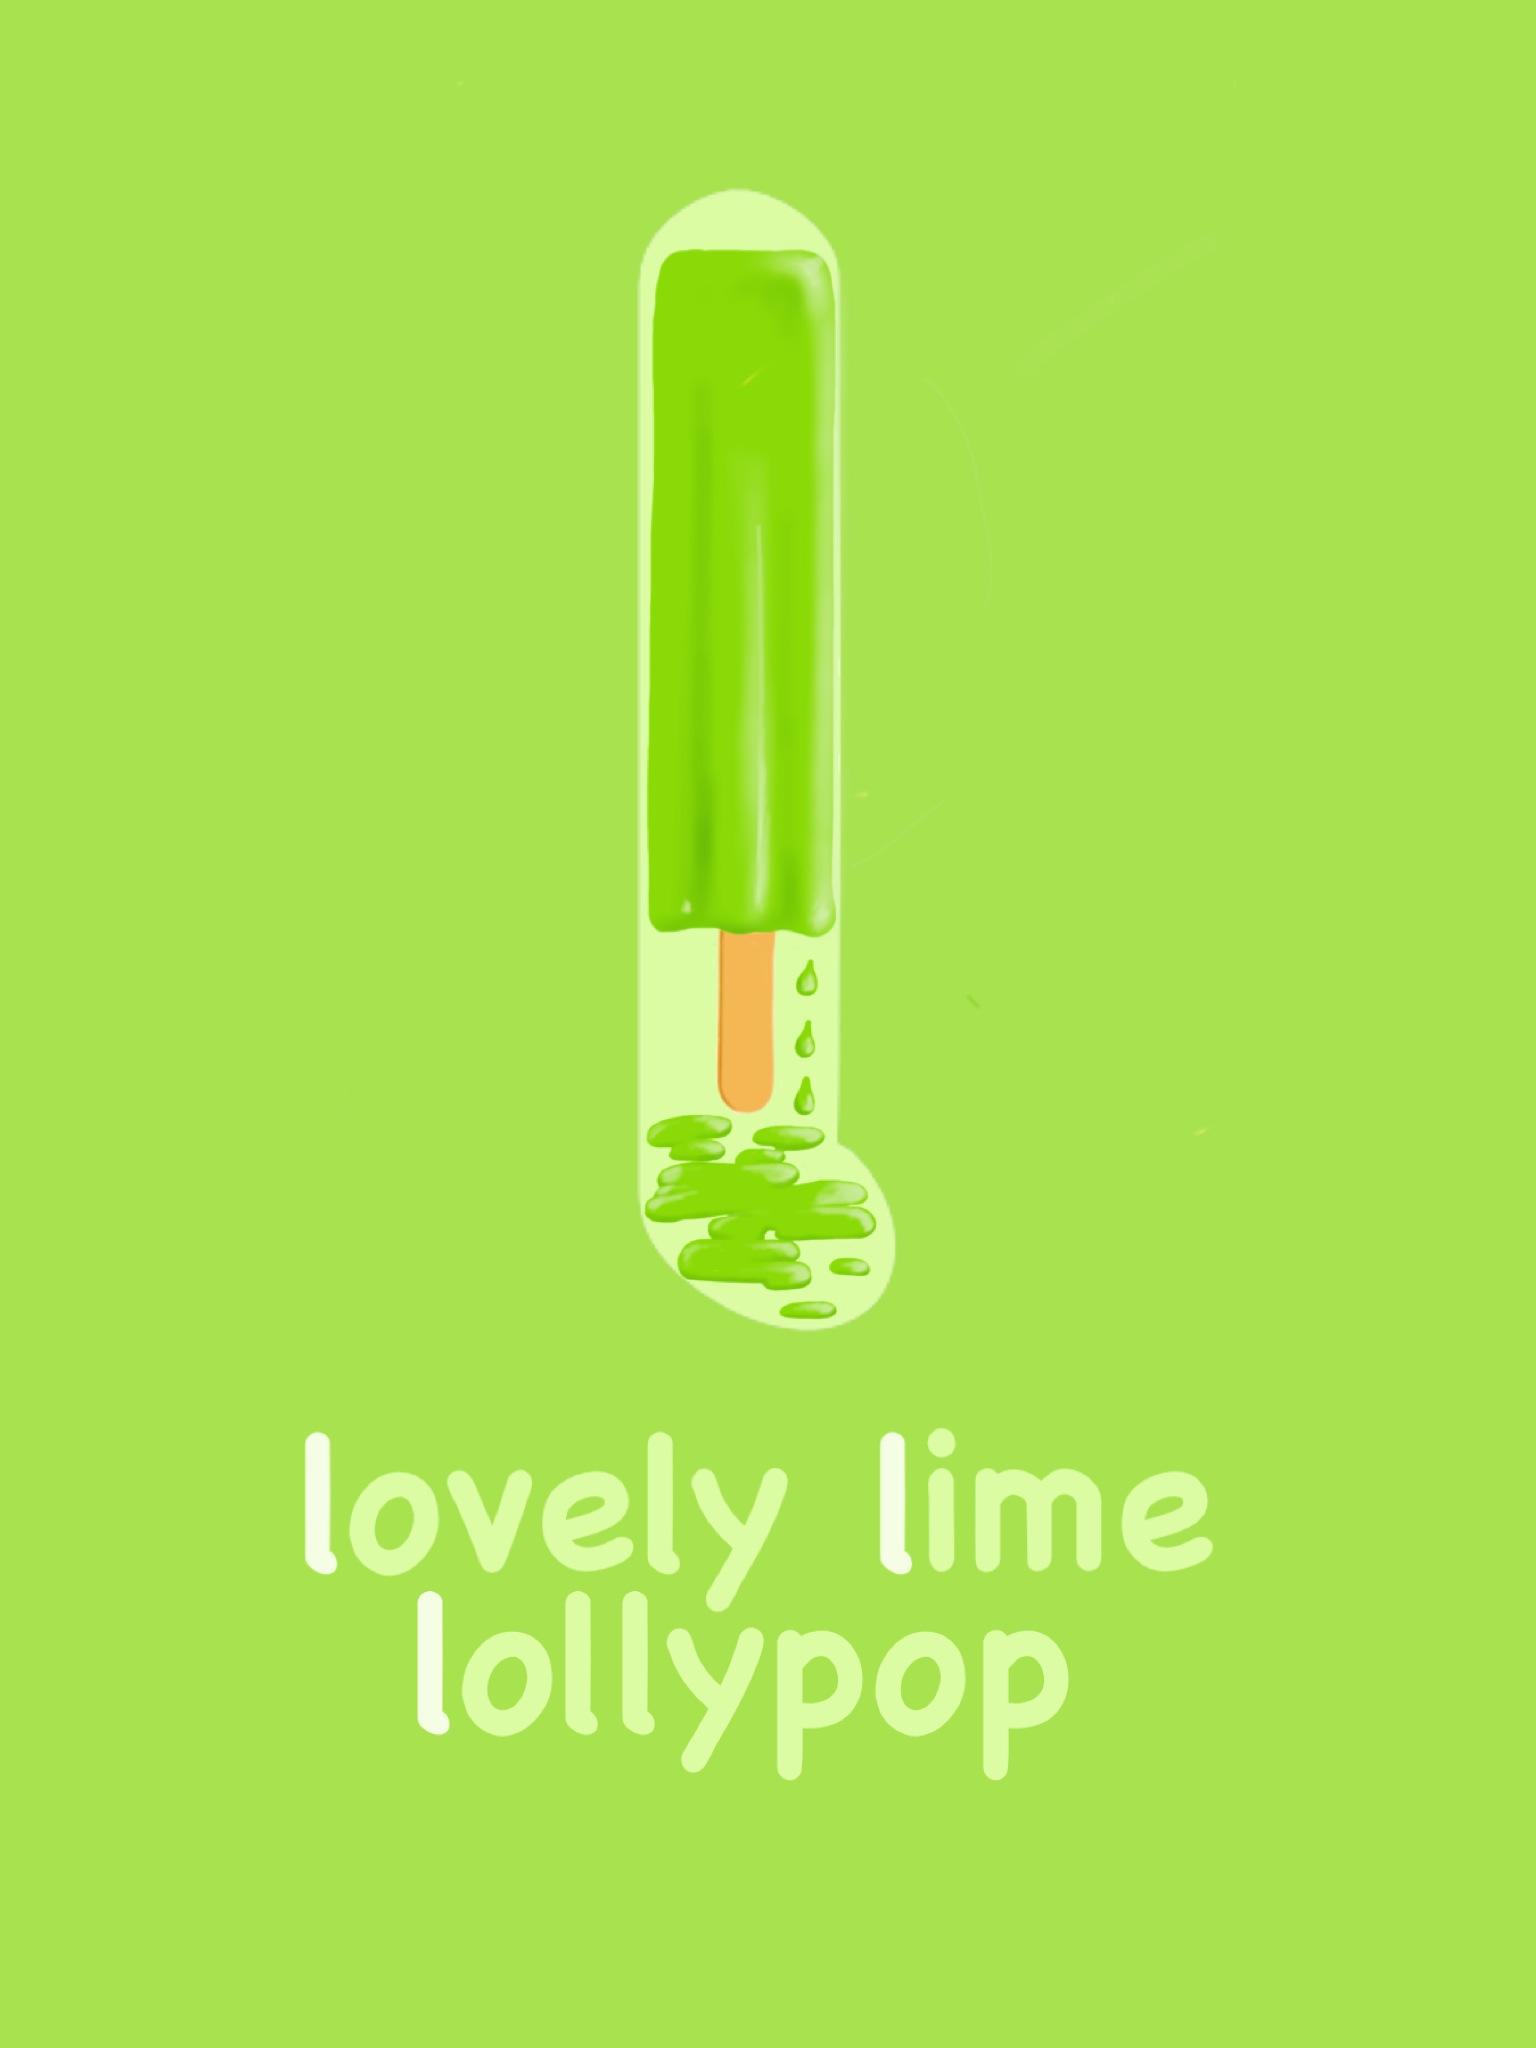 Letter L - Lovely Lime Lollypop